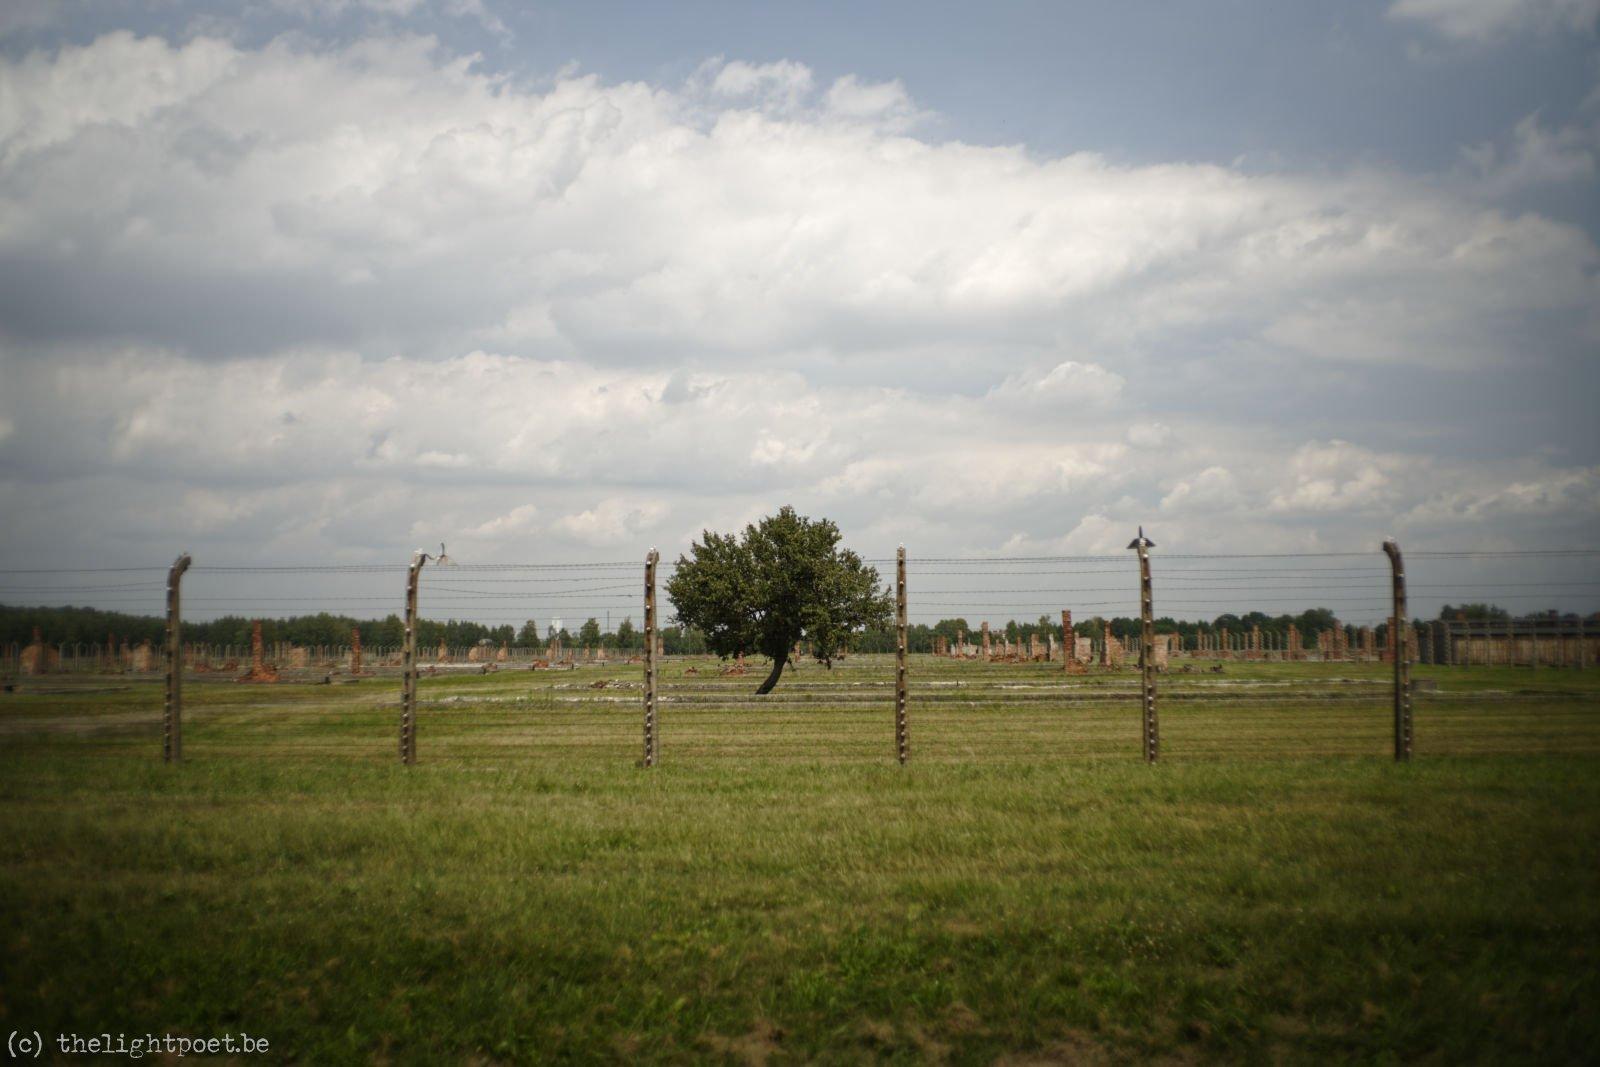 2018_06_Auschwitz_20180620_111352_DxO_PL1_1600px